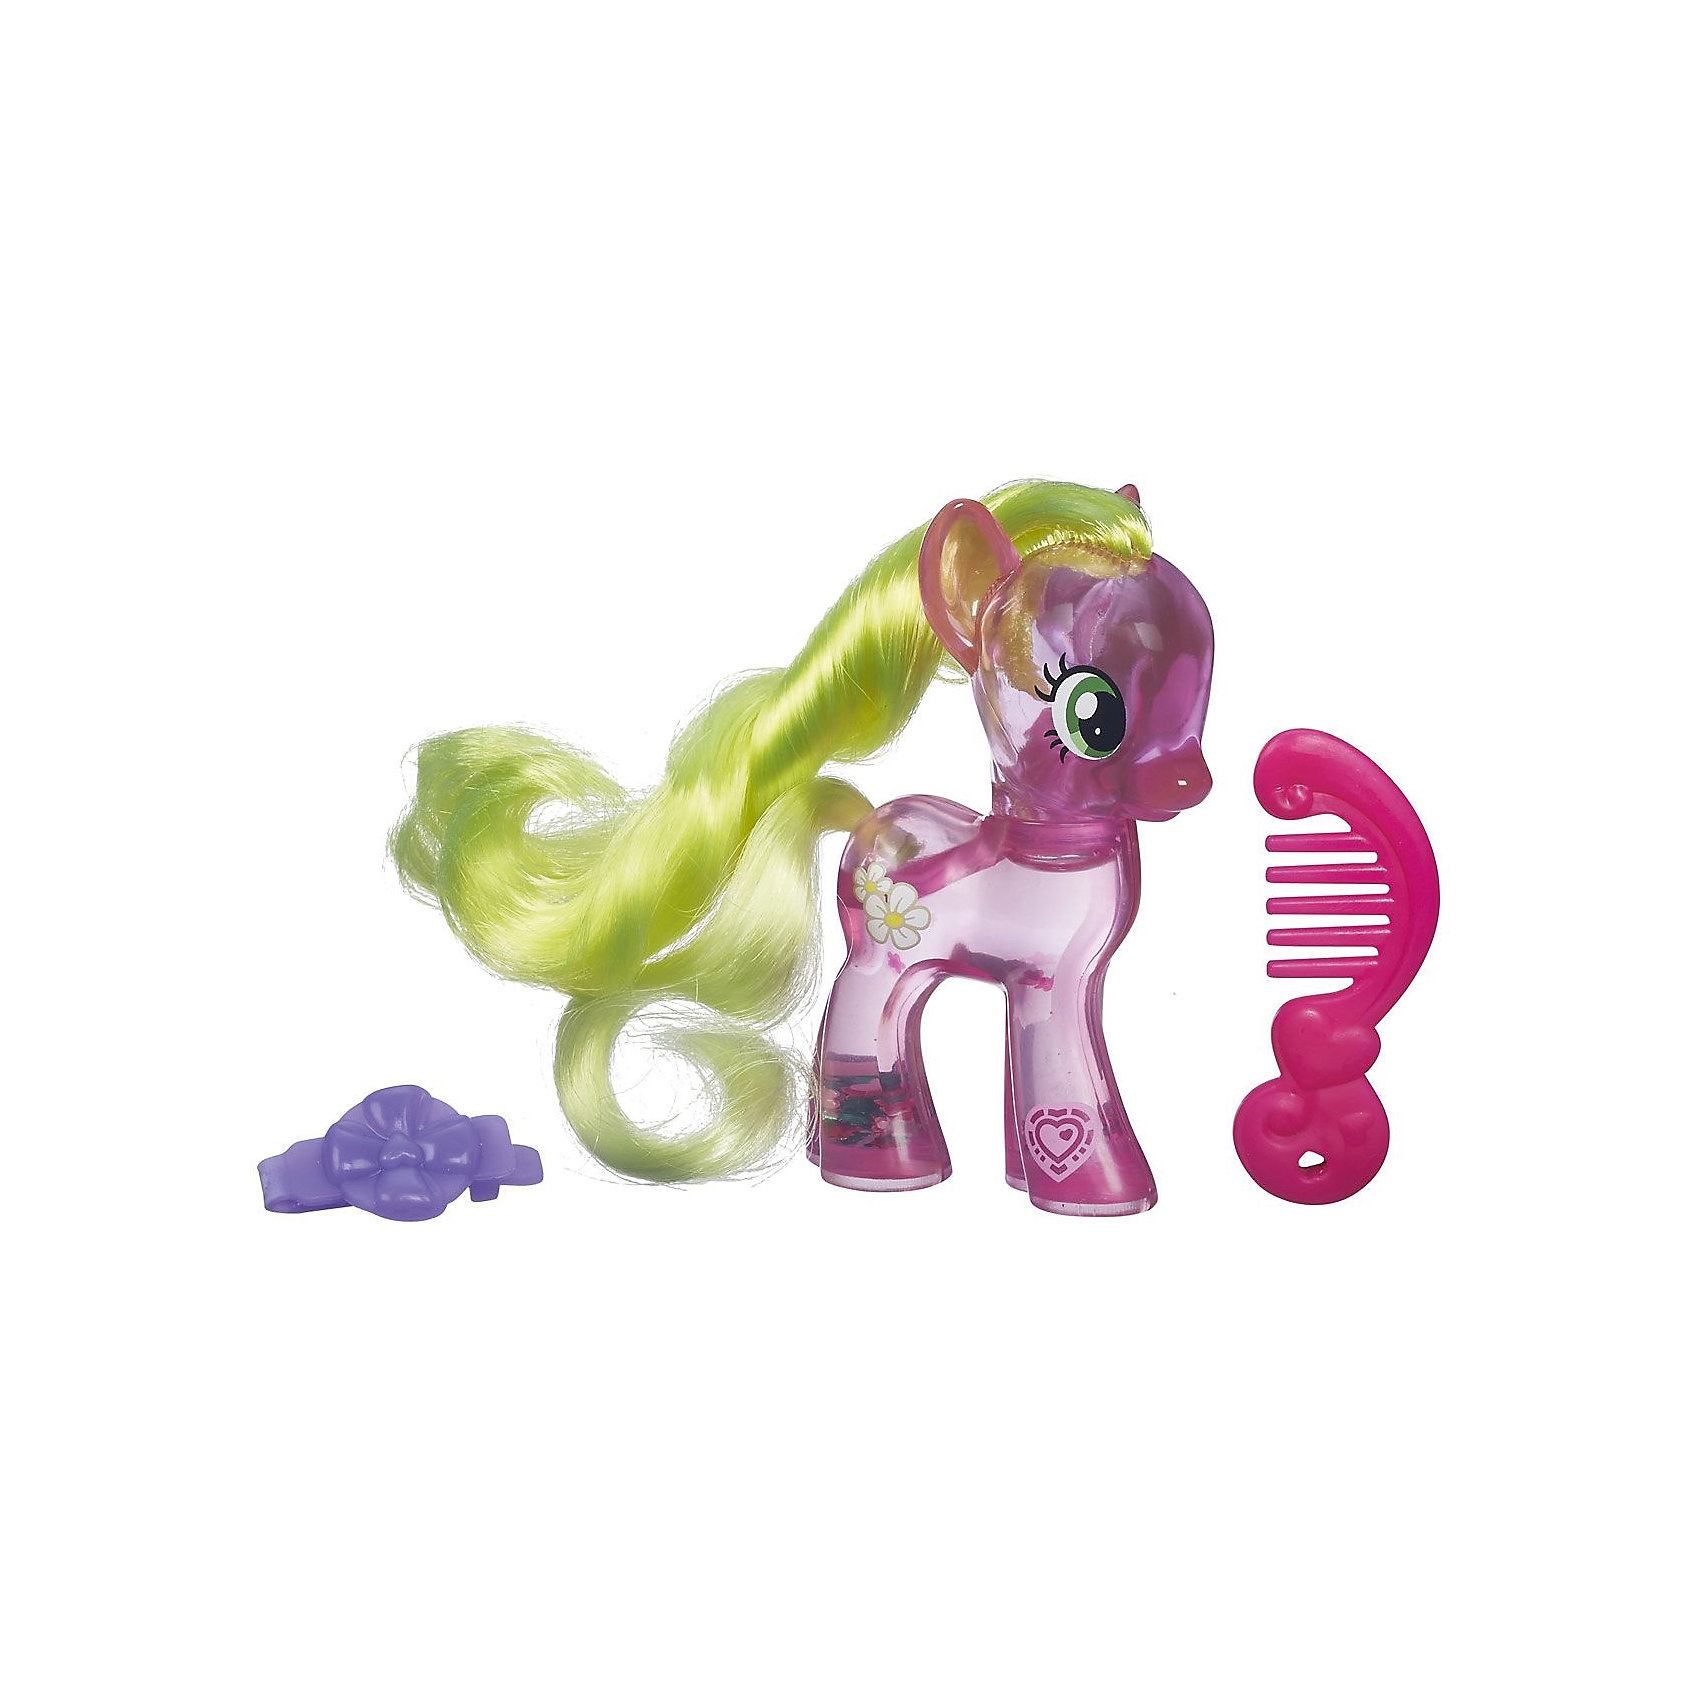 Фигурка с блестками My little Pony, Cutie Mark Magic - Флауэр ВишесКоллекционные и игровые фигурки<br>Пони с блестками, My little Pony (Моя маленькая Пони), B0357/B5415.<br><br>Характеристика:<br><br>• Материал: пластик.   <br>• Размер упаковки: 17х13,8х4,4 см. <br>• Высота фигурки: 8 см. <br>• Длинная, мягкая, блестящая грива. <br>• В комплекте: фигурка пони, расческа, заколка. <br>• Фигурка наполнена специальной жидкостью с блесками.<br><br>Очаровательная маленькая лошадка Дейзи приведет в восторг всех поклонников My little Pony (Май литл Пони). Игрушка наполнена специальной жидкостью с блестками, которая переливается и мерцает, если пони перевернуть или потрясти. На голове у лошадки роскошная грива, которую можно расчёсывать специальной маленькой расческой и украшать оригинальной маленькой заколкой.<br>Игрушка изготовлена из экологичных нетоксичных материалов безопасных для детей.<br><br>Пони с блестками, My little Pony (Моя маленькая Пони), B0357/B5415, можно купить в нашем интернет-магазине.<br><br>Ширина мм: 44<br>Глубина мм: 138<br>Высота мм: 170<br>Вес г: 350<br>Возраст от месяцев: 36<br>Возраст до месяцев: 72<br>Пол: Женский<br>Возраст: Детский<br>SKU: 5352850